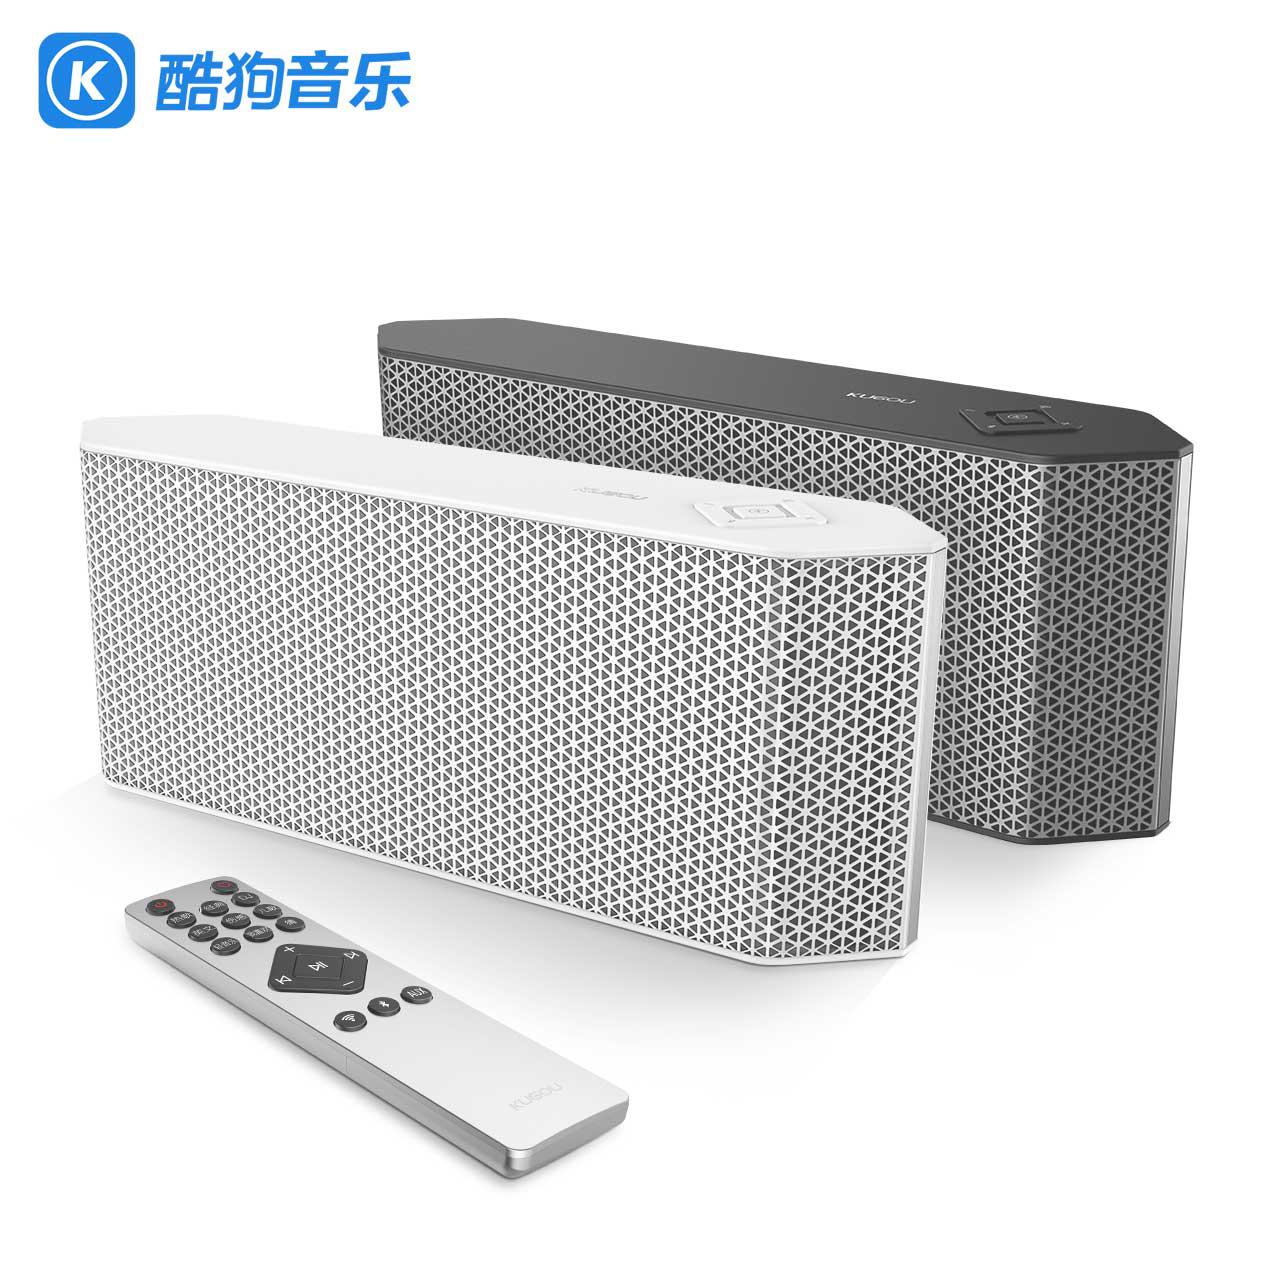 酷狗kugou 潘多拉互联网蓝牙音箱hifi音响智能无线wifi重低音家用